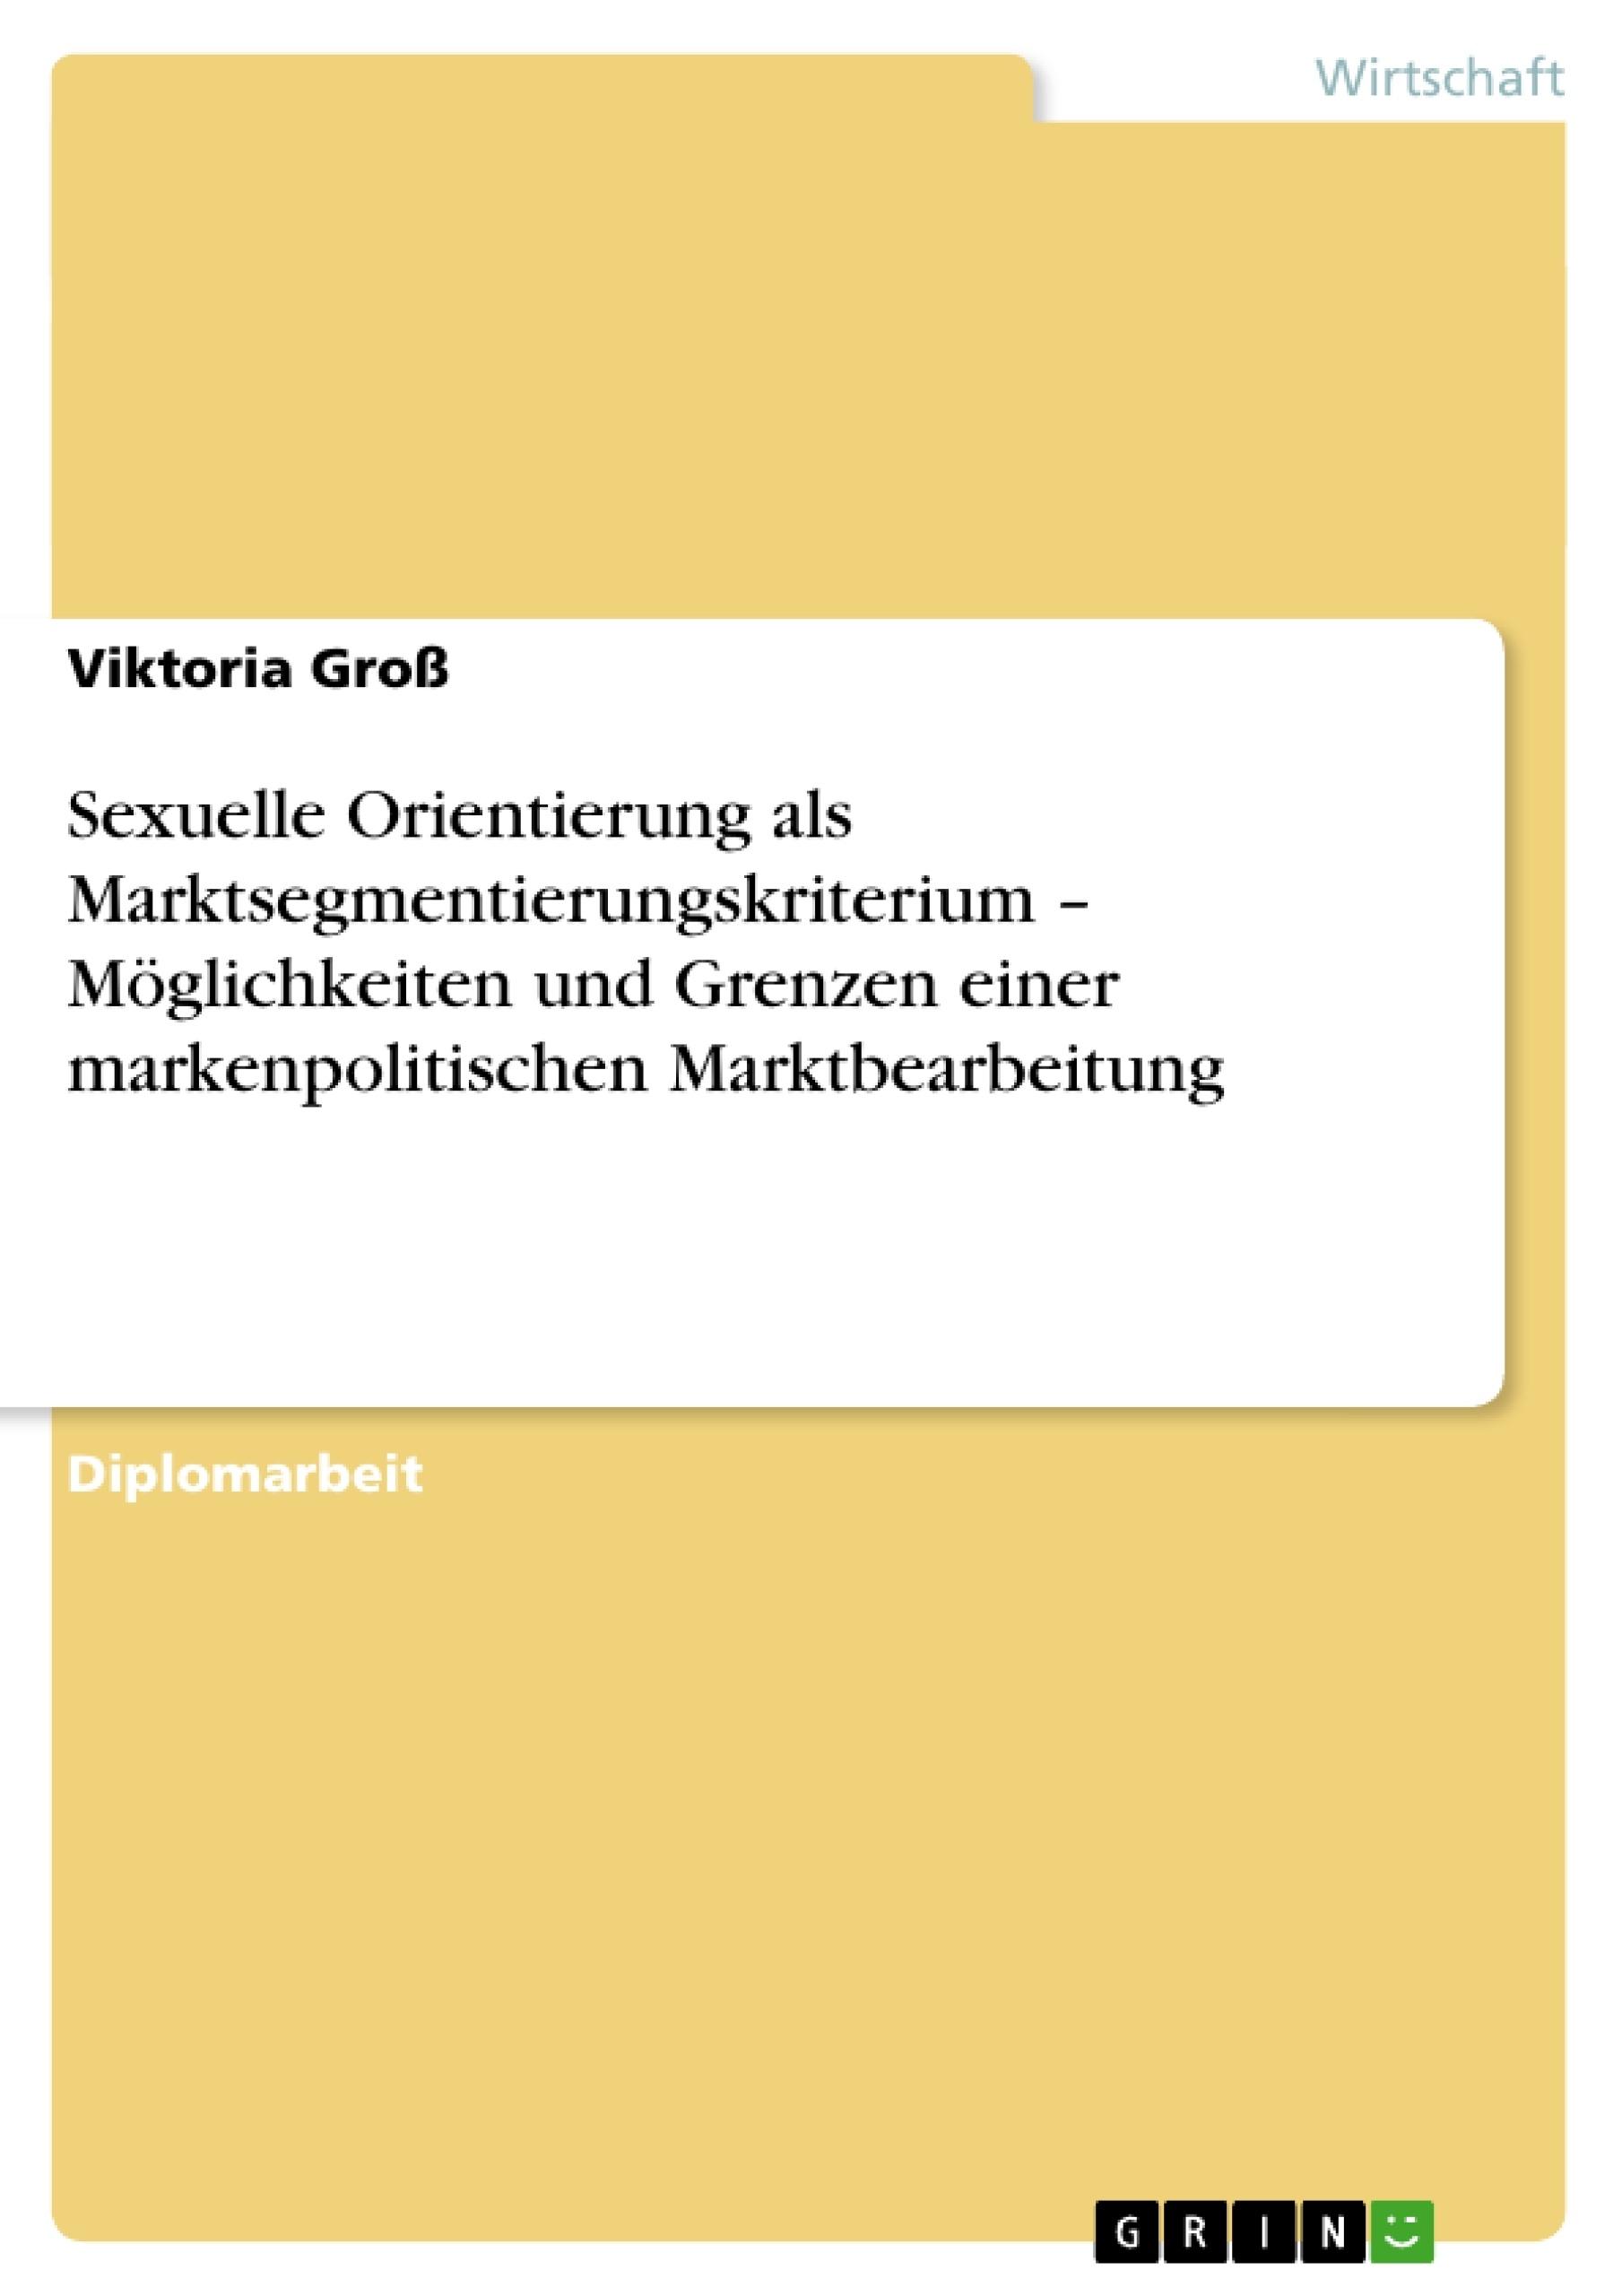 Titel: Sexuelle Orientierung als Marktsegmentierungskriterium – Möglichkeiten und Grenzen einer markenpolitischen Marktbearbeitung